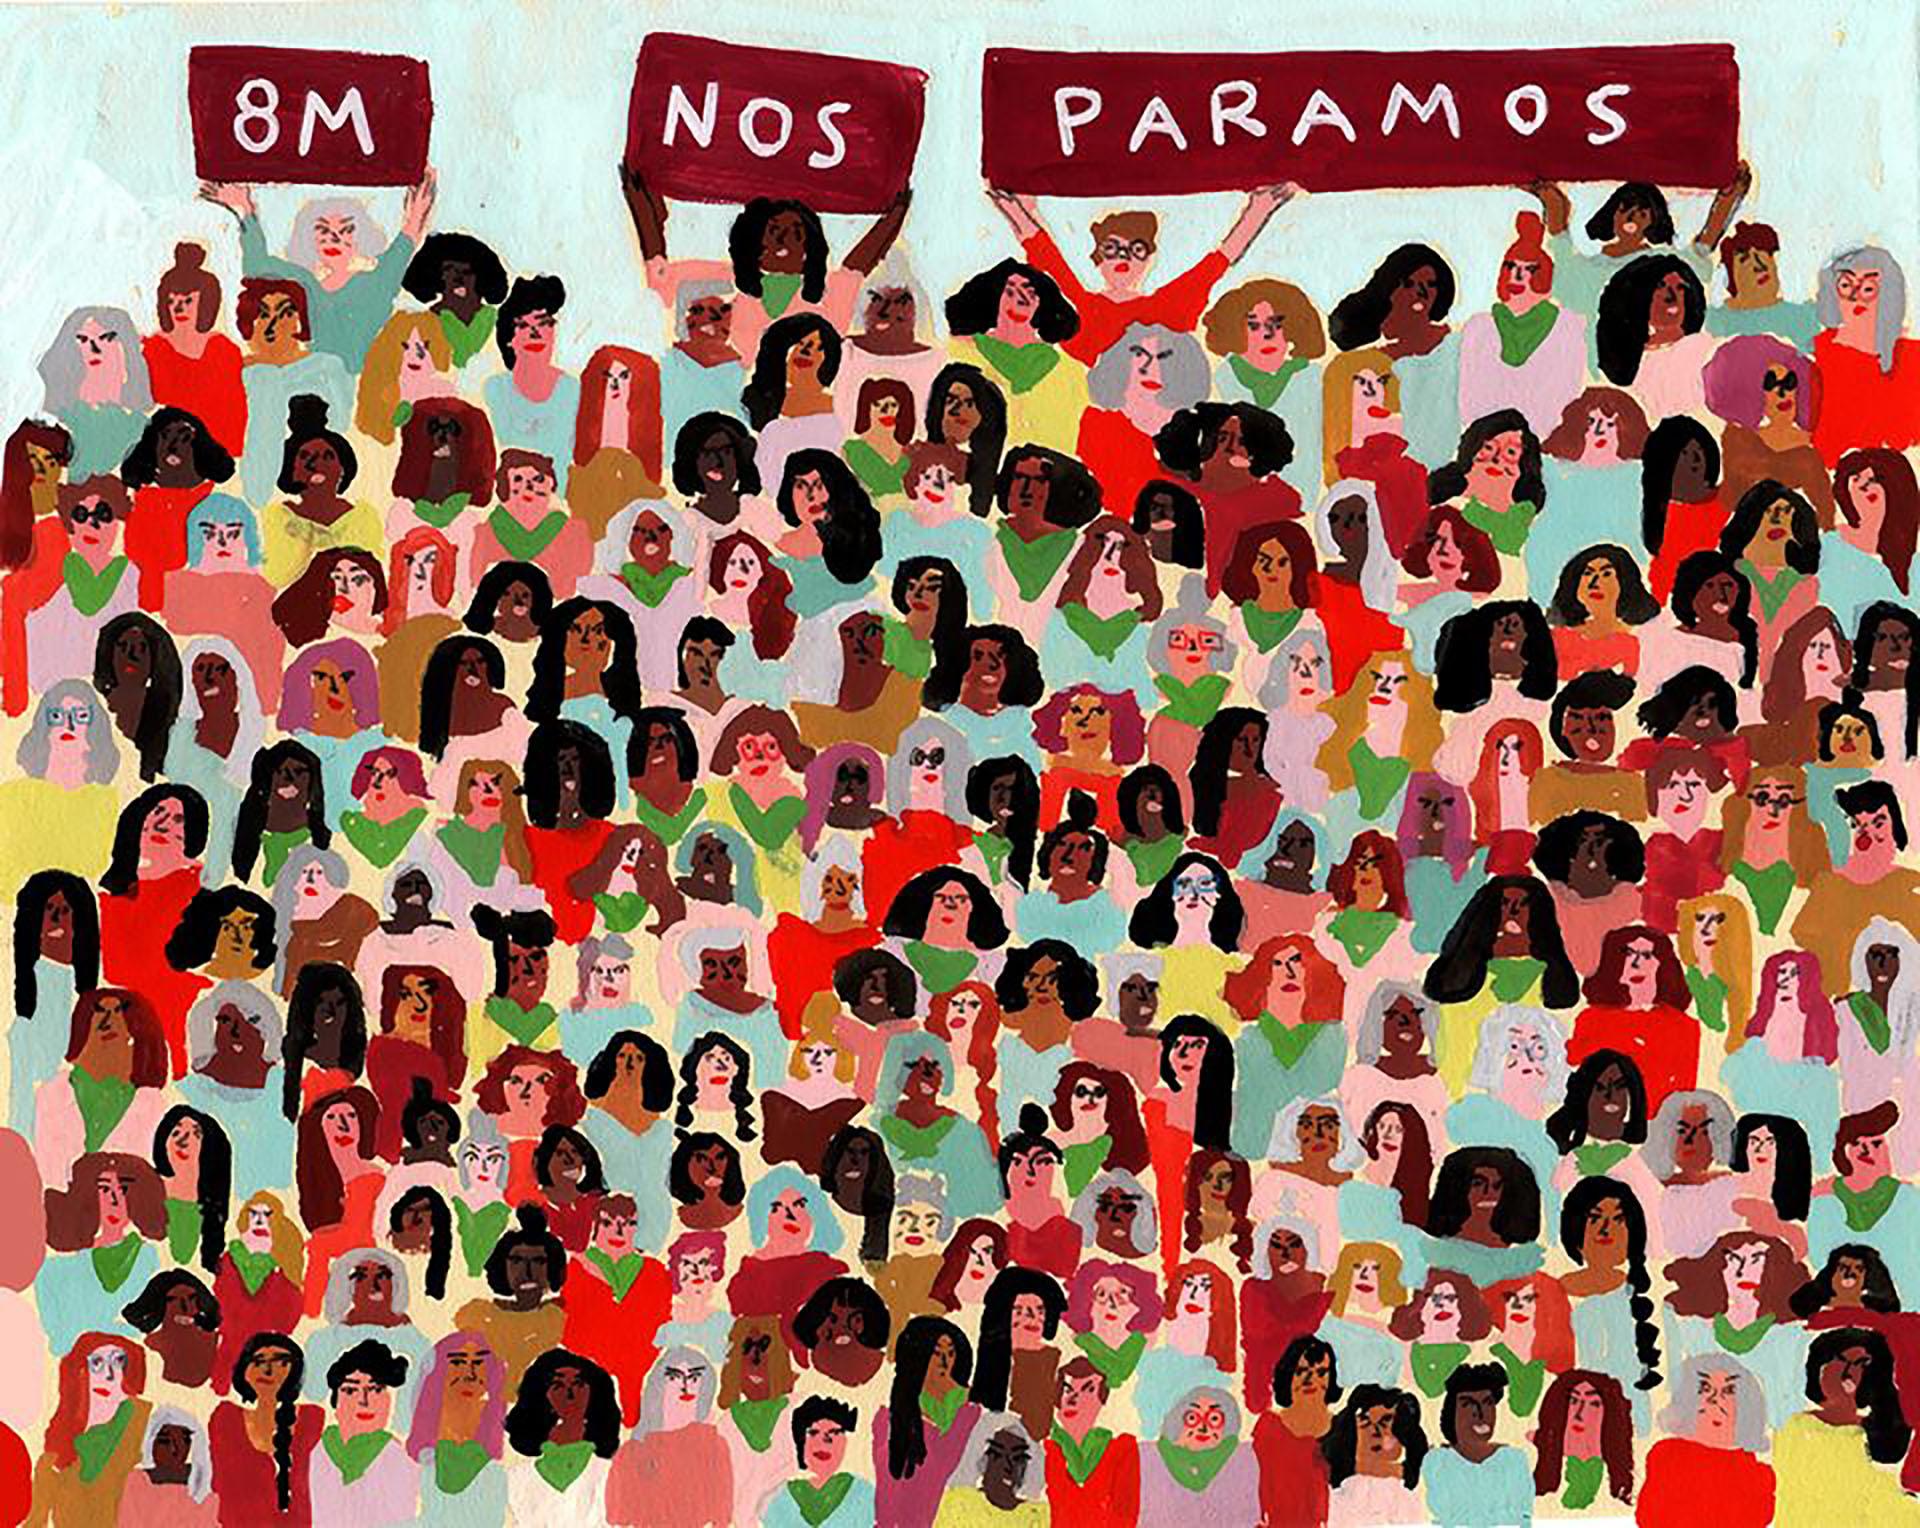 El arte inquieto de María Luque, un ejercicio de libertad, color y pasión por el detalle - Infobae